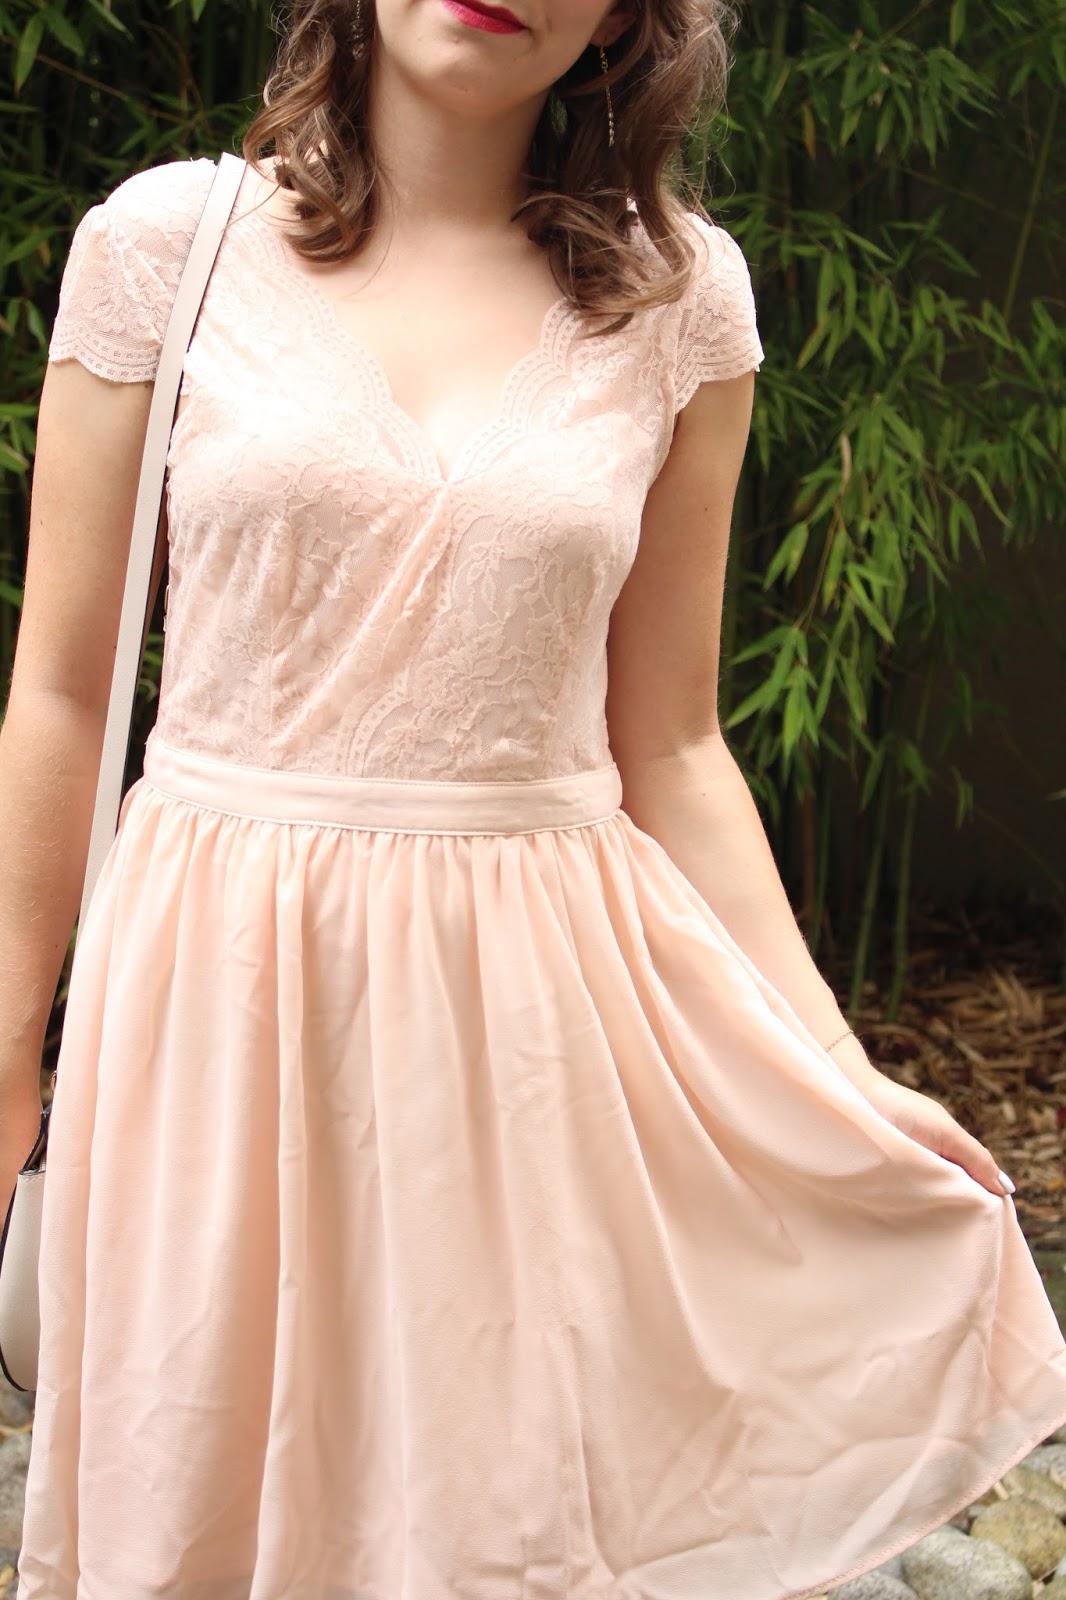 Ma robe parfaite pour un mariage aunatur elle blog for Robe parfaite pour mariage